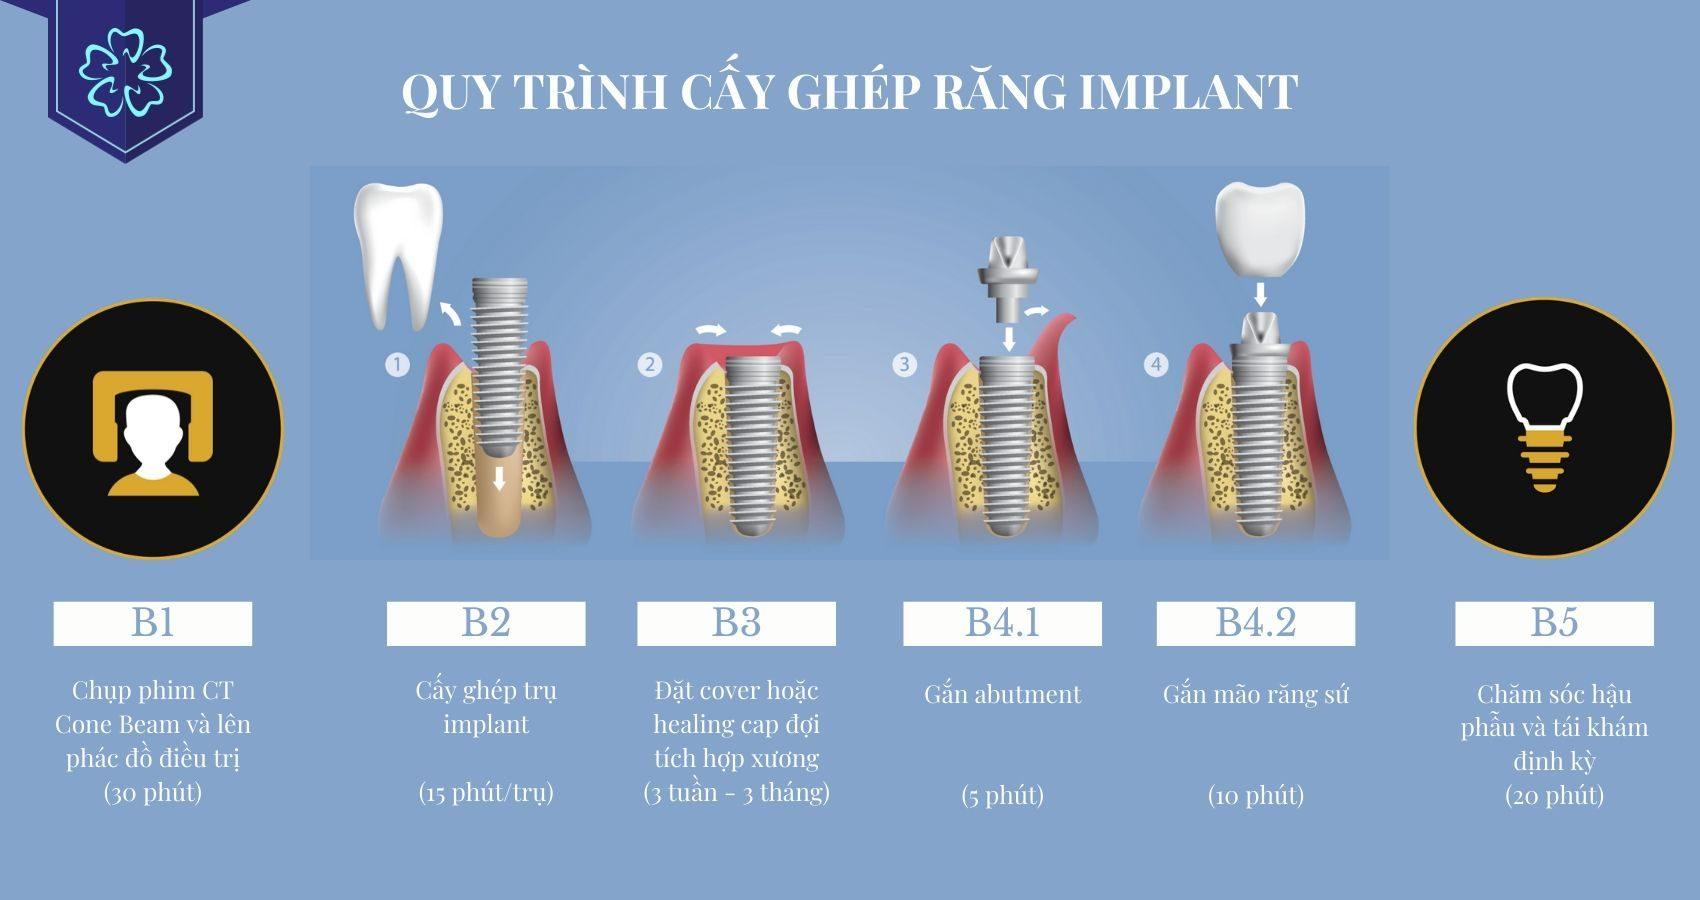 Quy trình cấy ghép implant công nghệ 3D Sophis